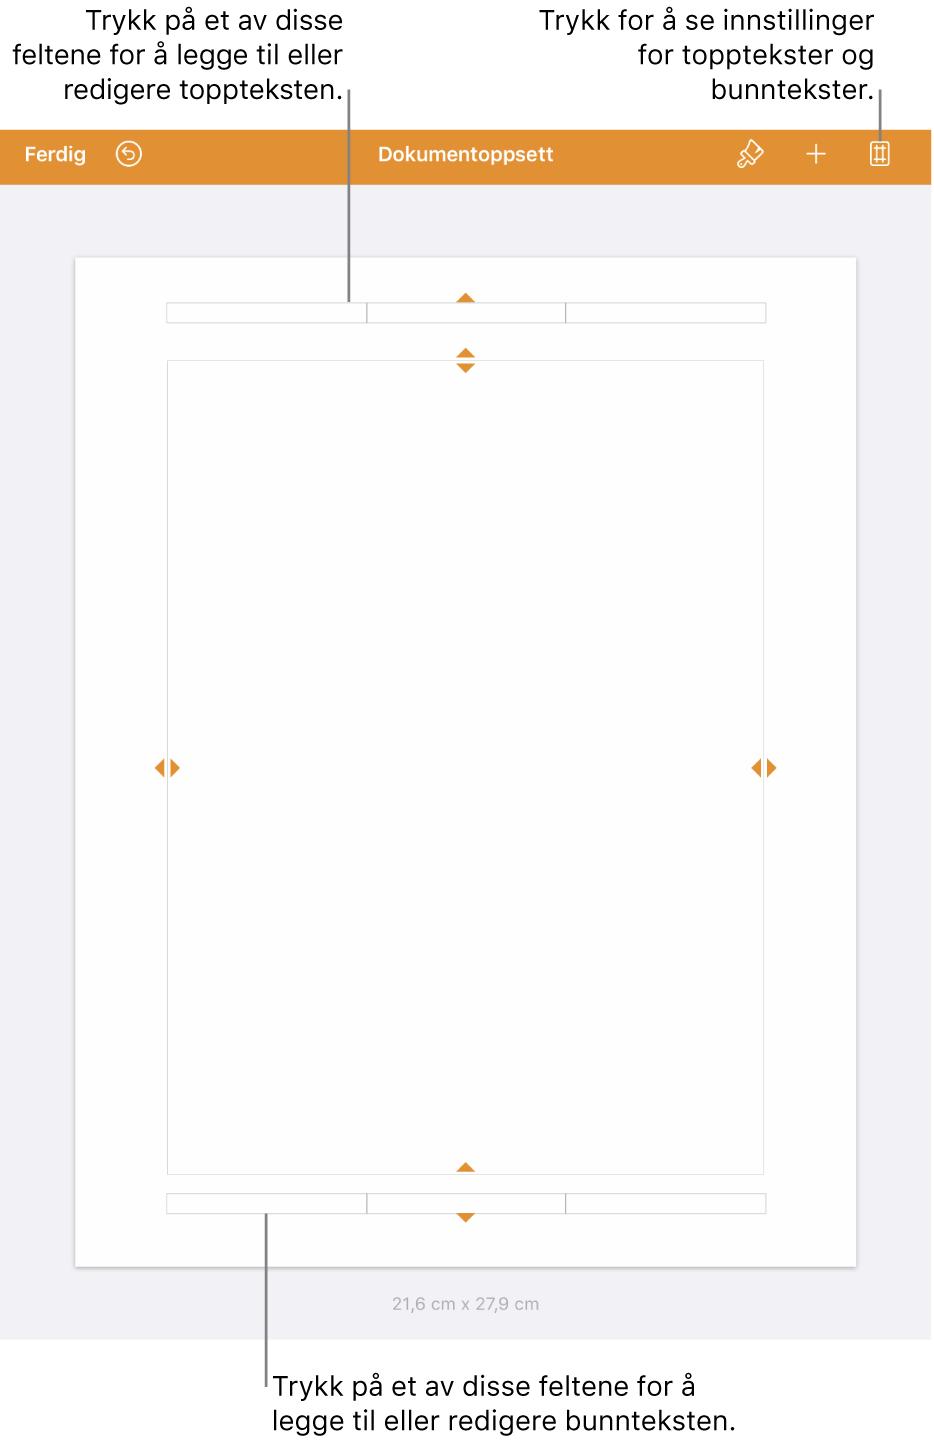 Dokumentoppsett-visning med tre felt øverst og nederst i dokumentet.